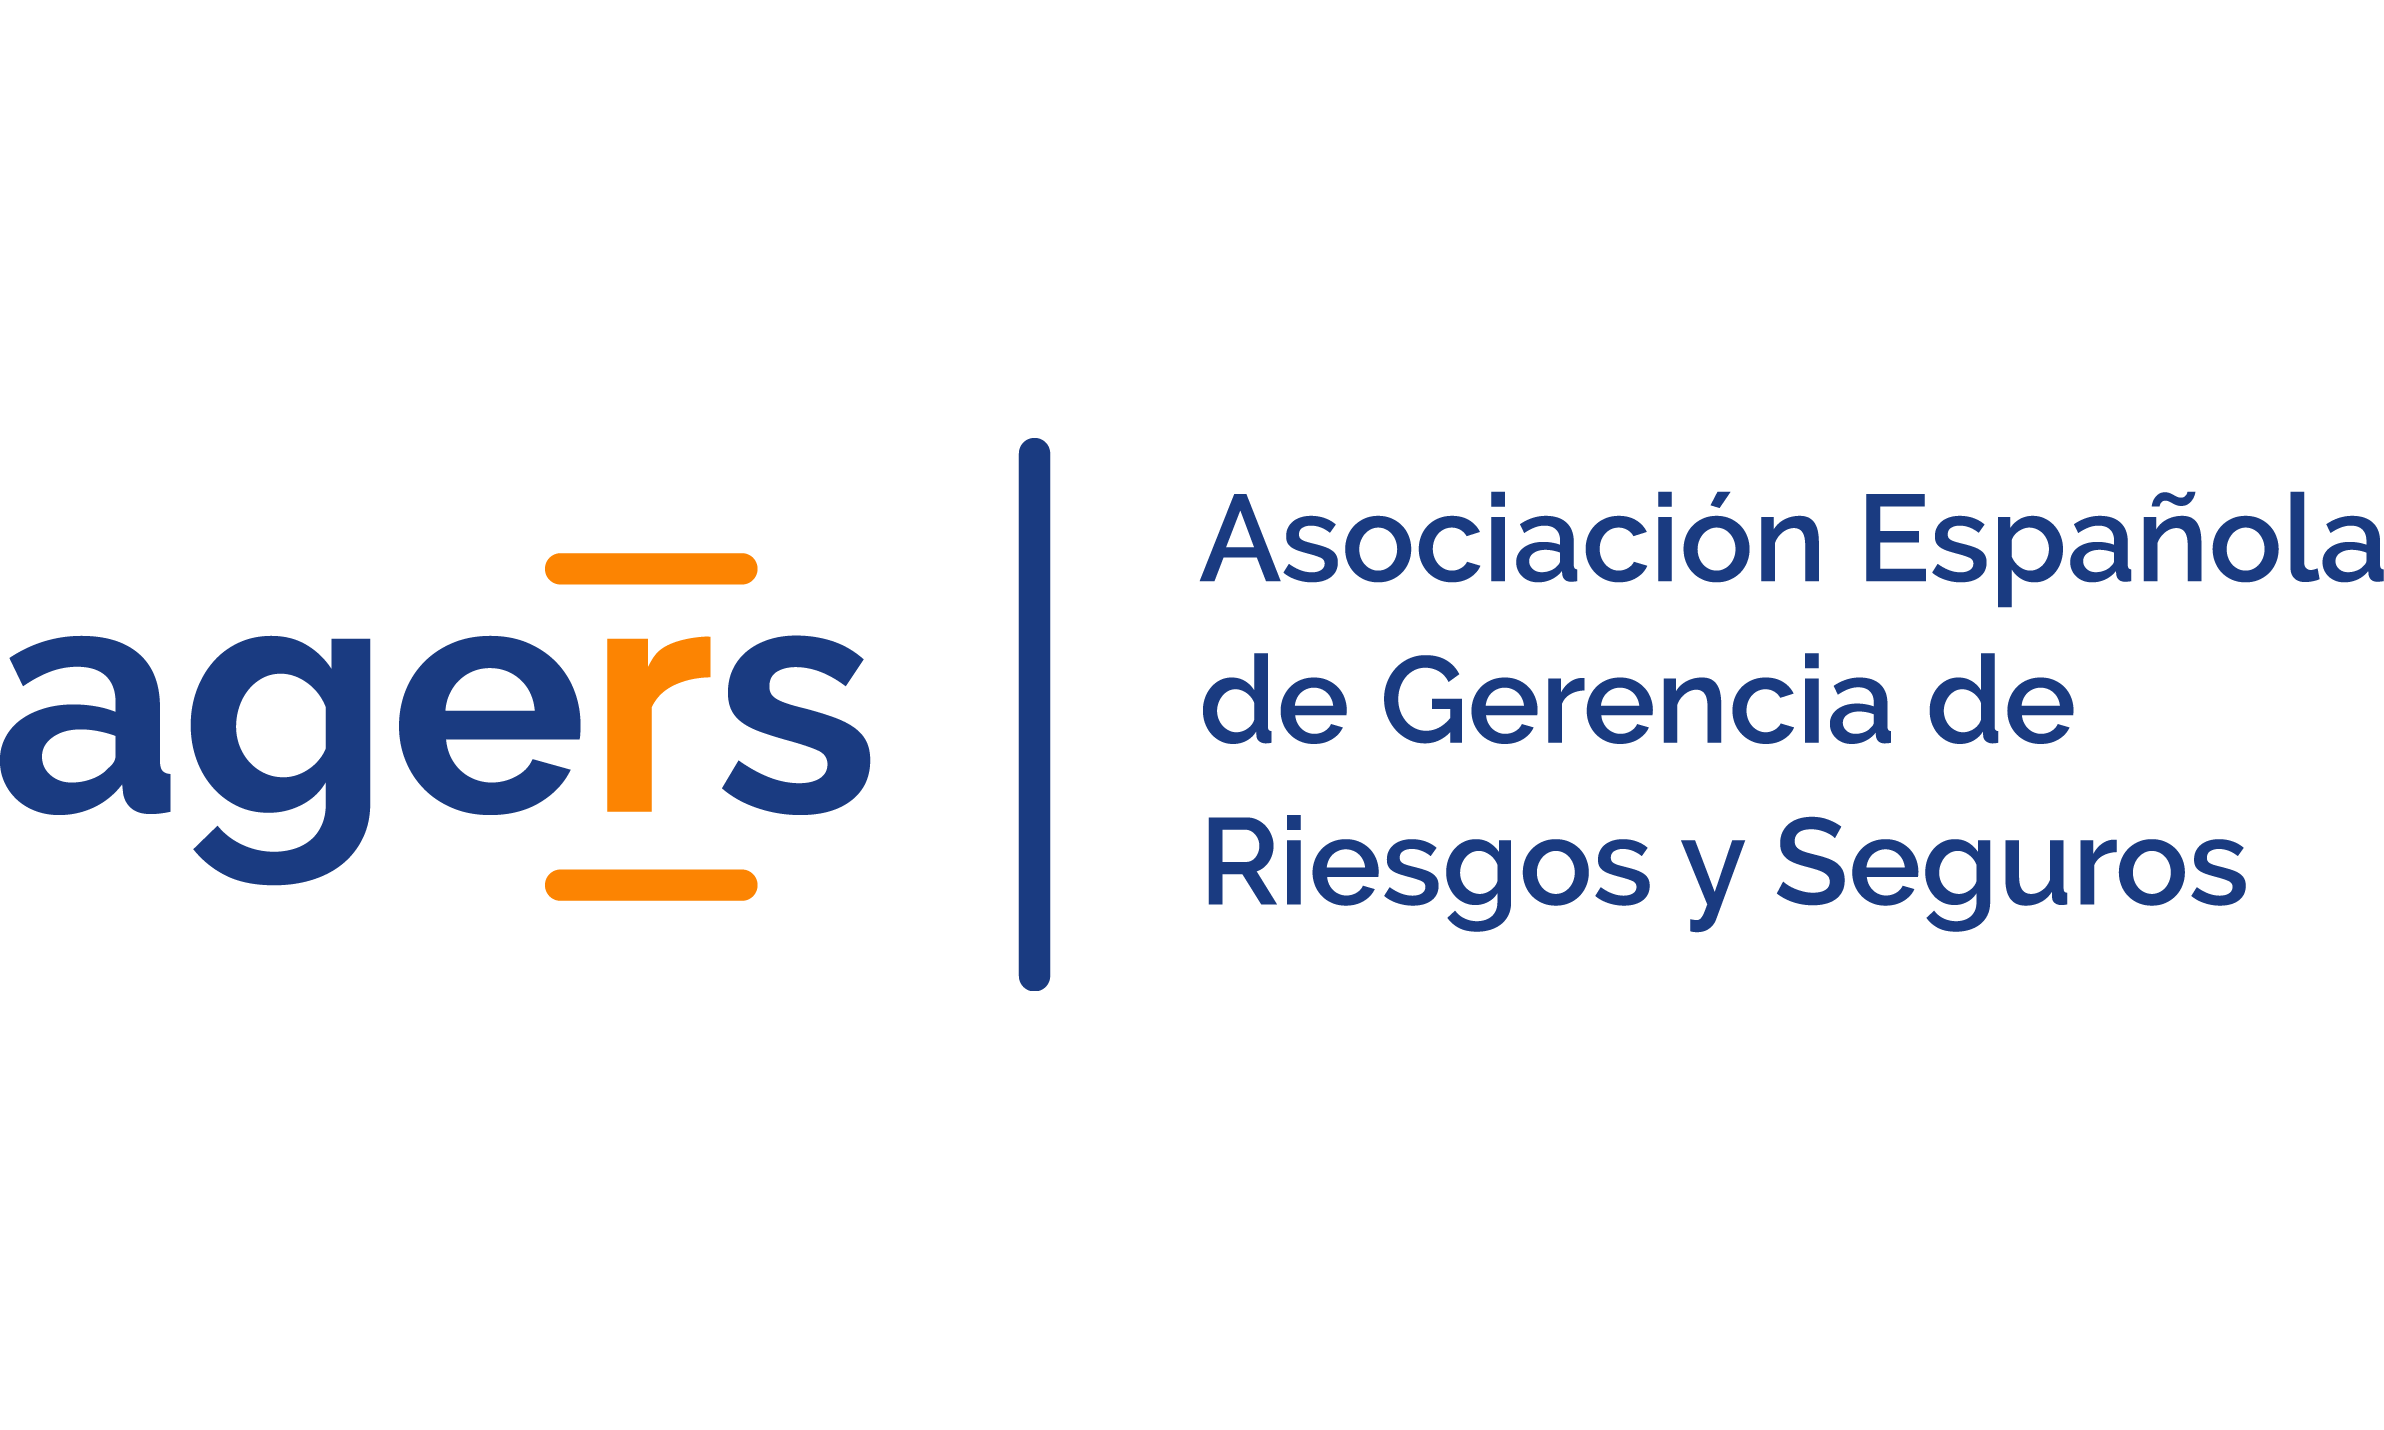 Vadillo Asesores forma parte de Agers Asociación Española de Gerencia de Riesgos y Seguros